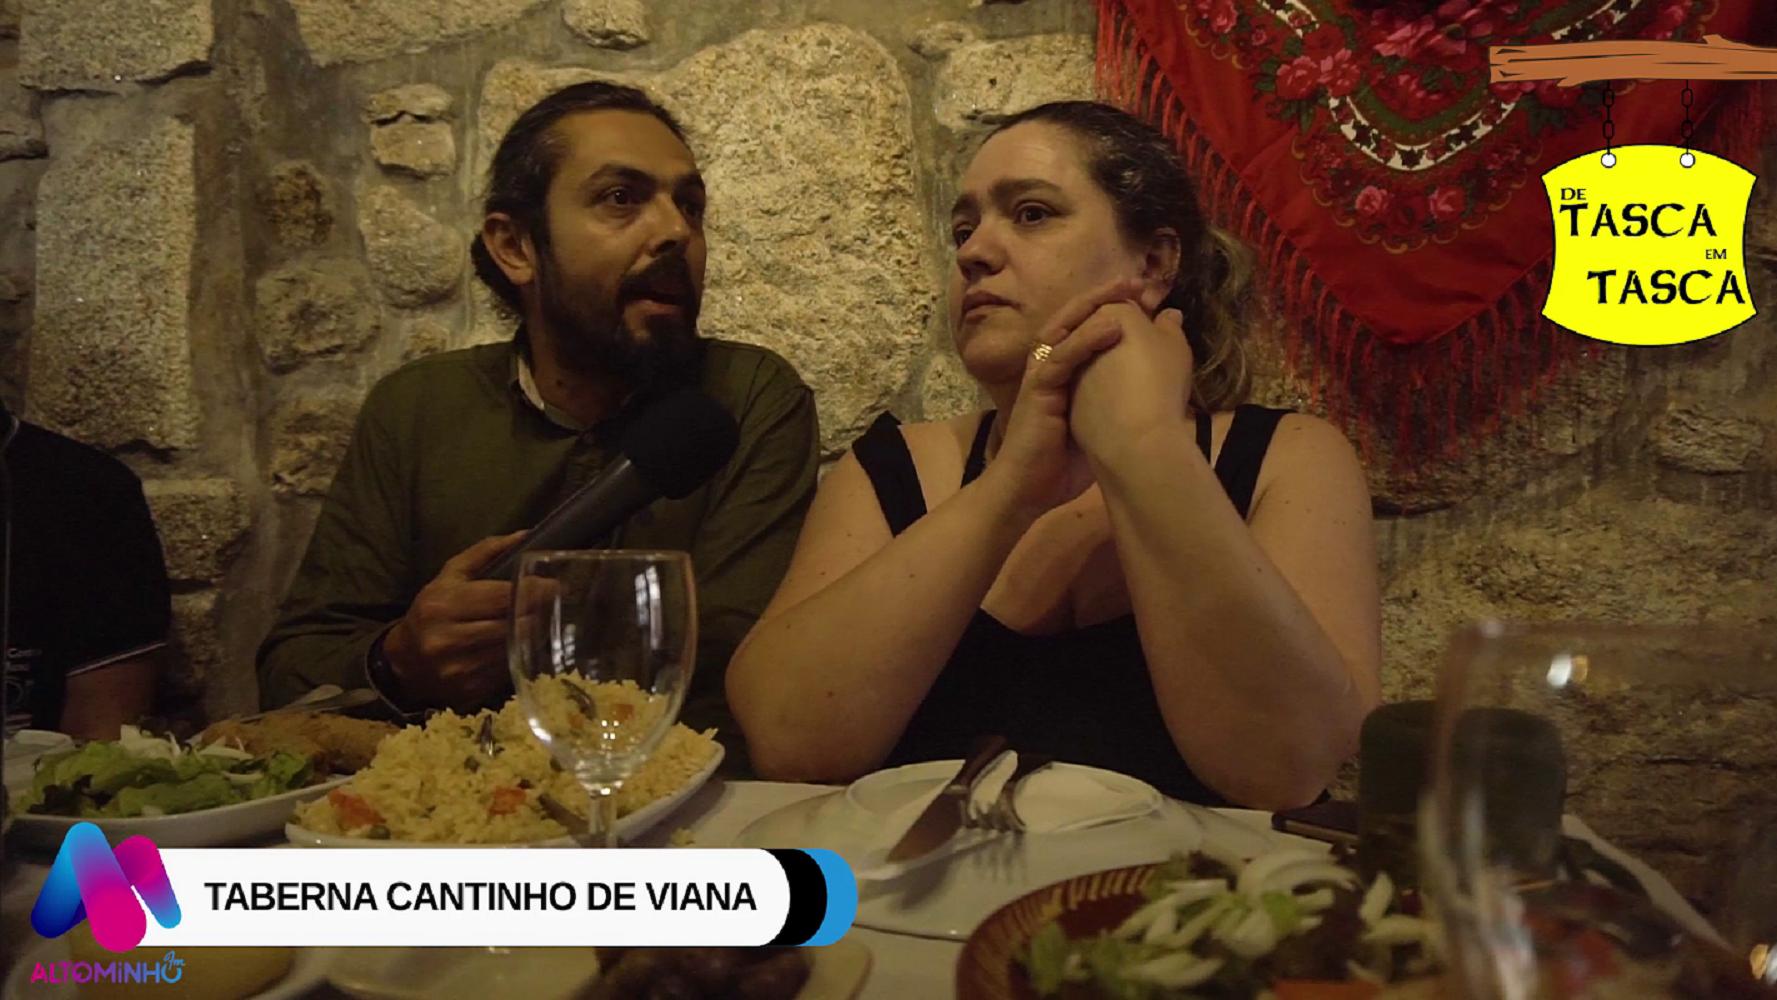 De Tasca em Tasca: Cantinho de Viana (Ep.16)